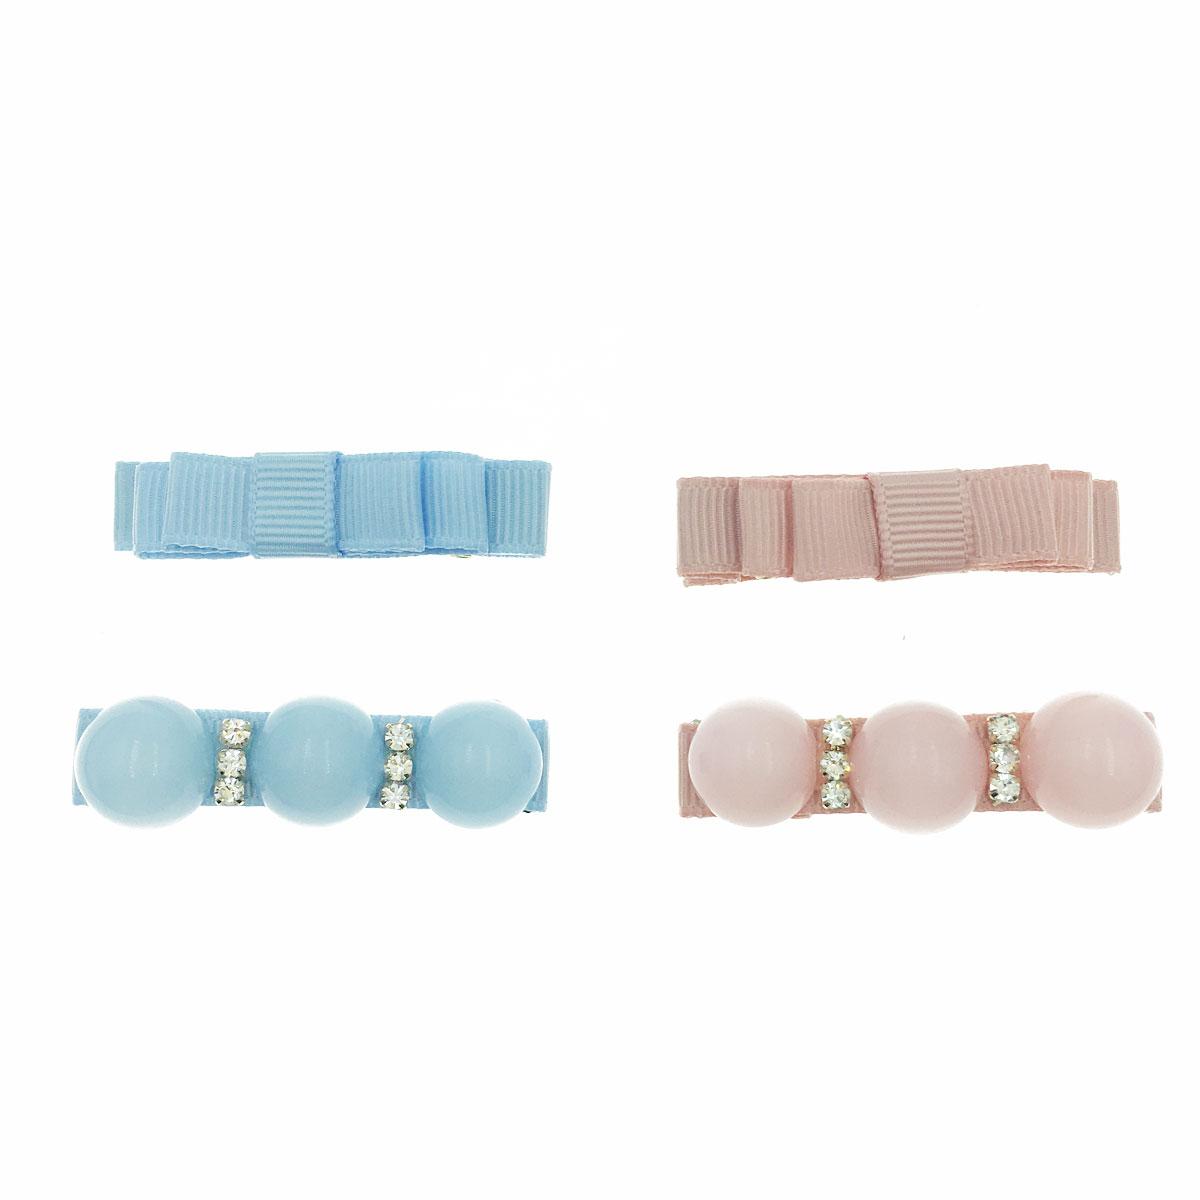 韓國 素色 蝴蝶結 水鑽 不對稱 兩色 二入一組 壓夾 髮夾 髮飾